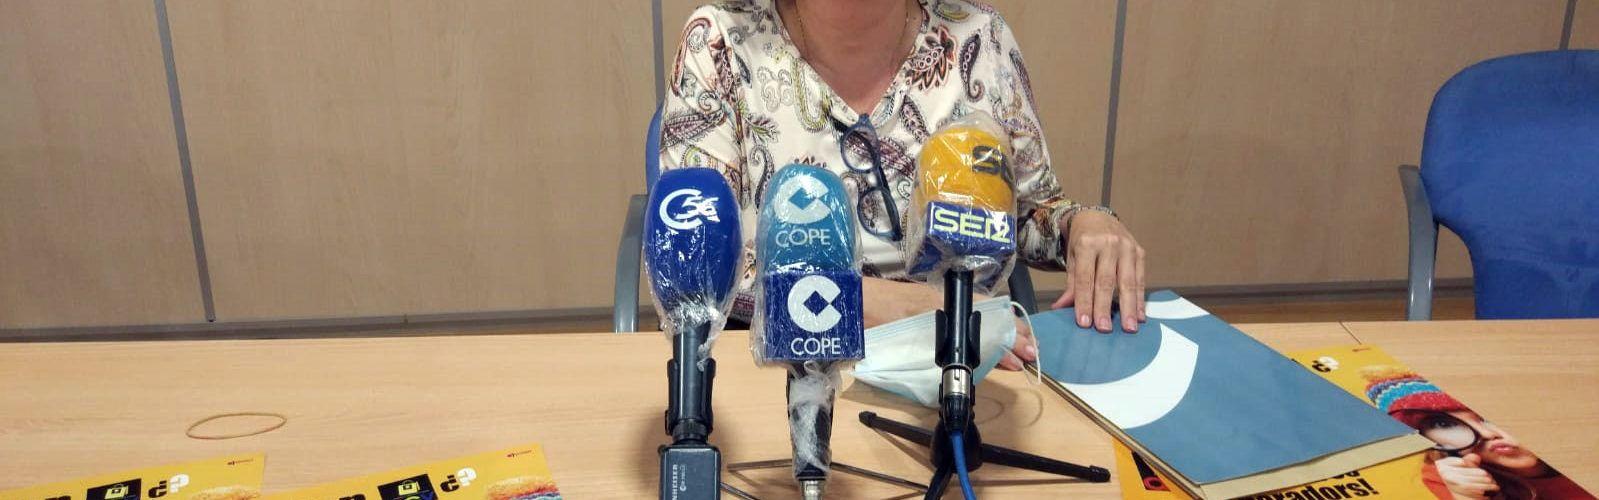 La Associació de Comerciants de Vinaròs organiza la campaña On están els logos? para incentivar el comercio de proximidad